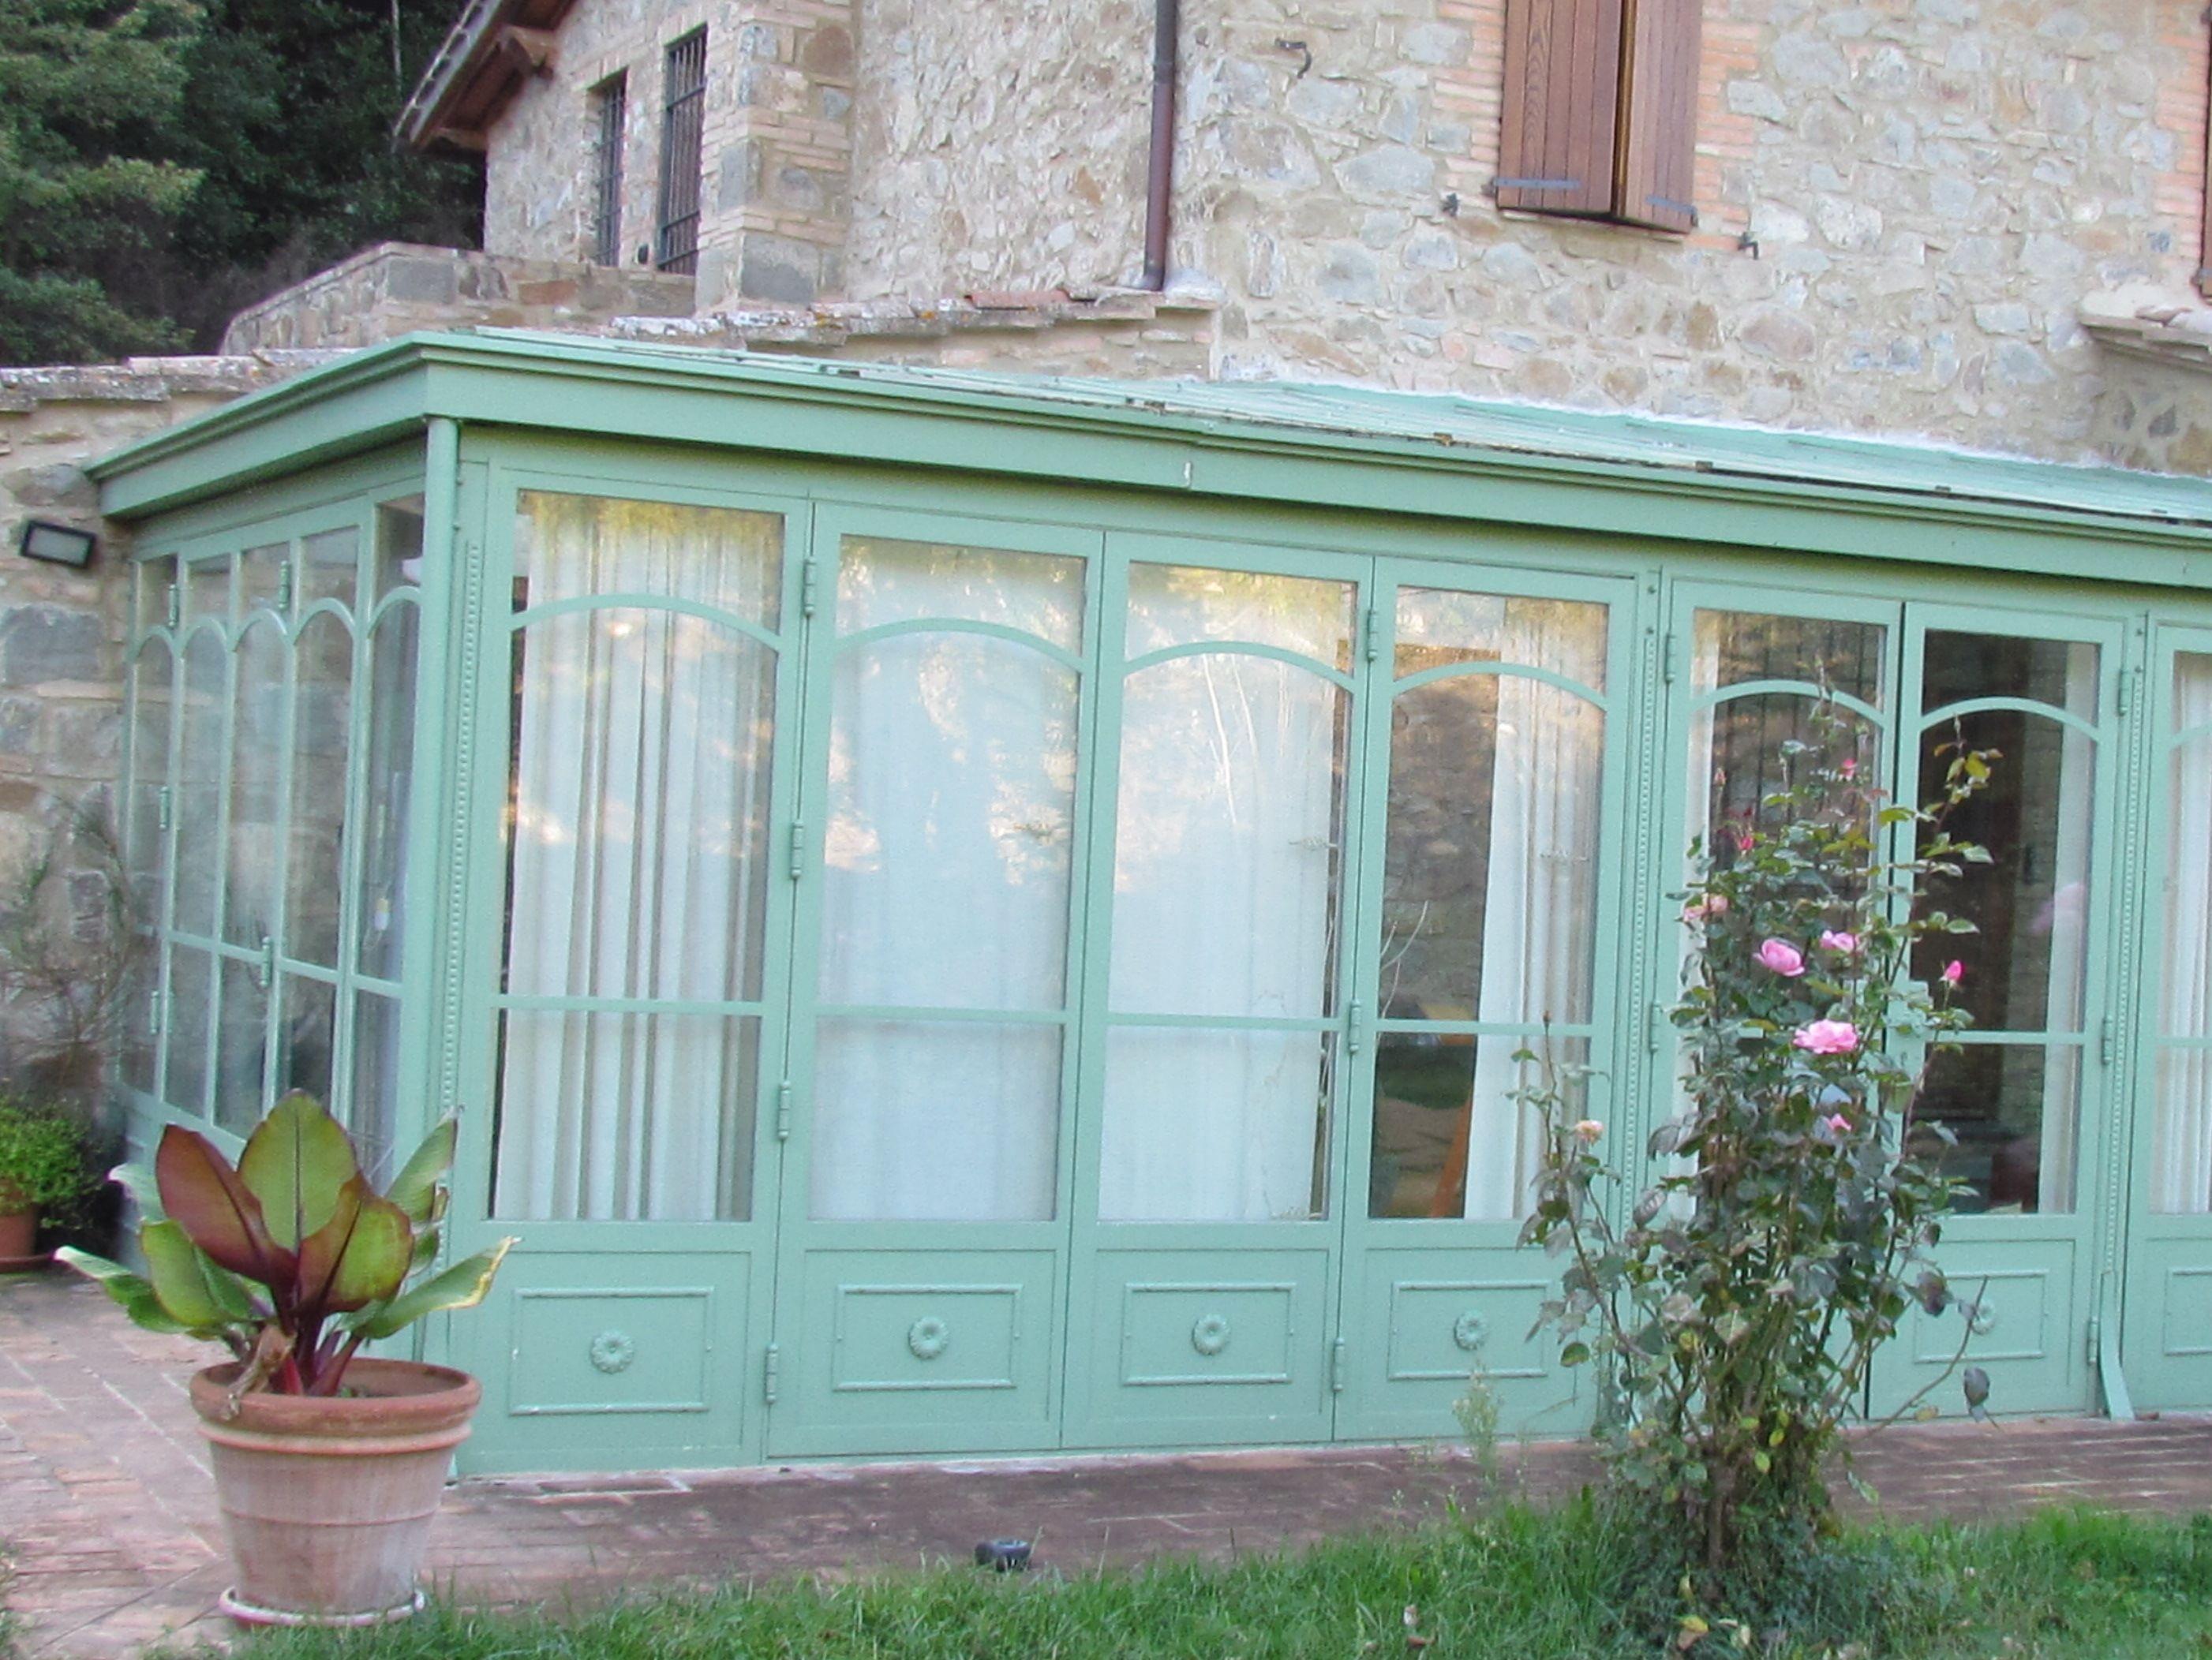 Giardino d inverno pizzeria livorno idee per il design - Giardino d inverno normativa ...